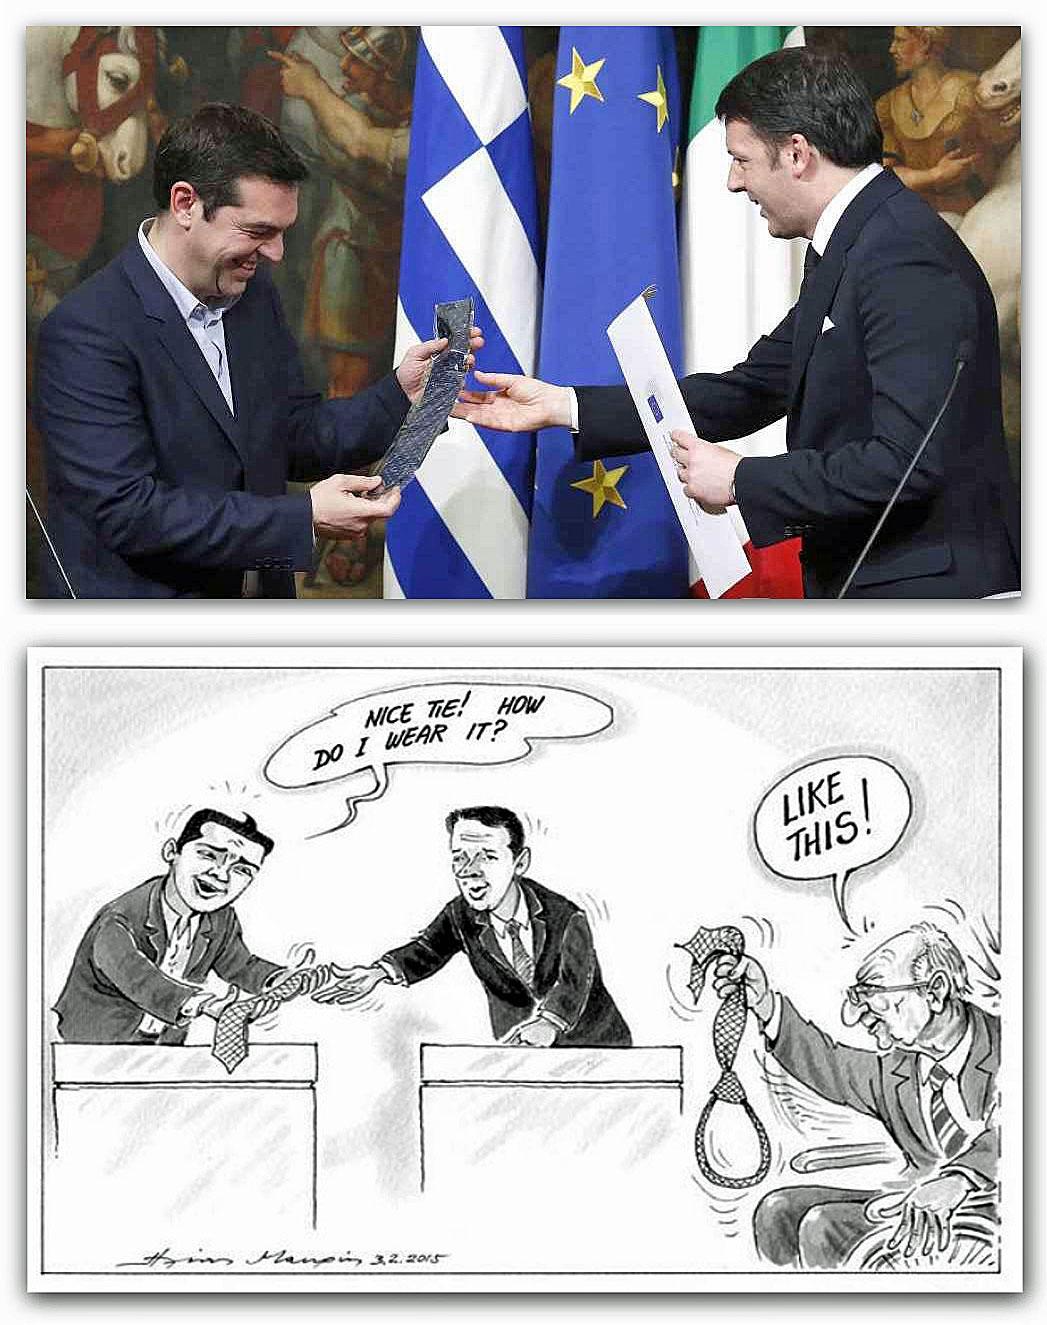 Immagini tratte da: http://www.agi.it/politica/notizie/grecia_renzi_dona_cravatta_tsipras_indossala_a_crisi_finita-201502031922-pol-rt10244 e da: http://www.nextquotidiano.it/vignetta-tsipras-renzi-cravatta/